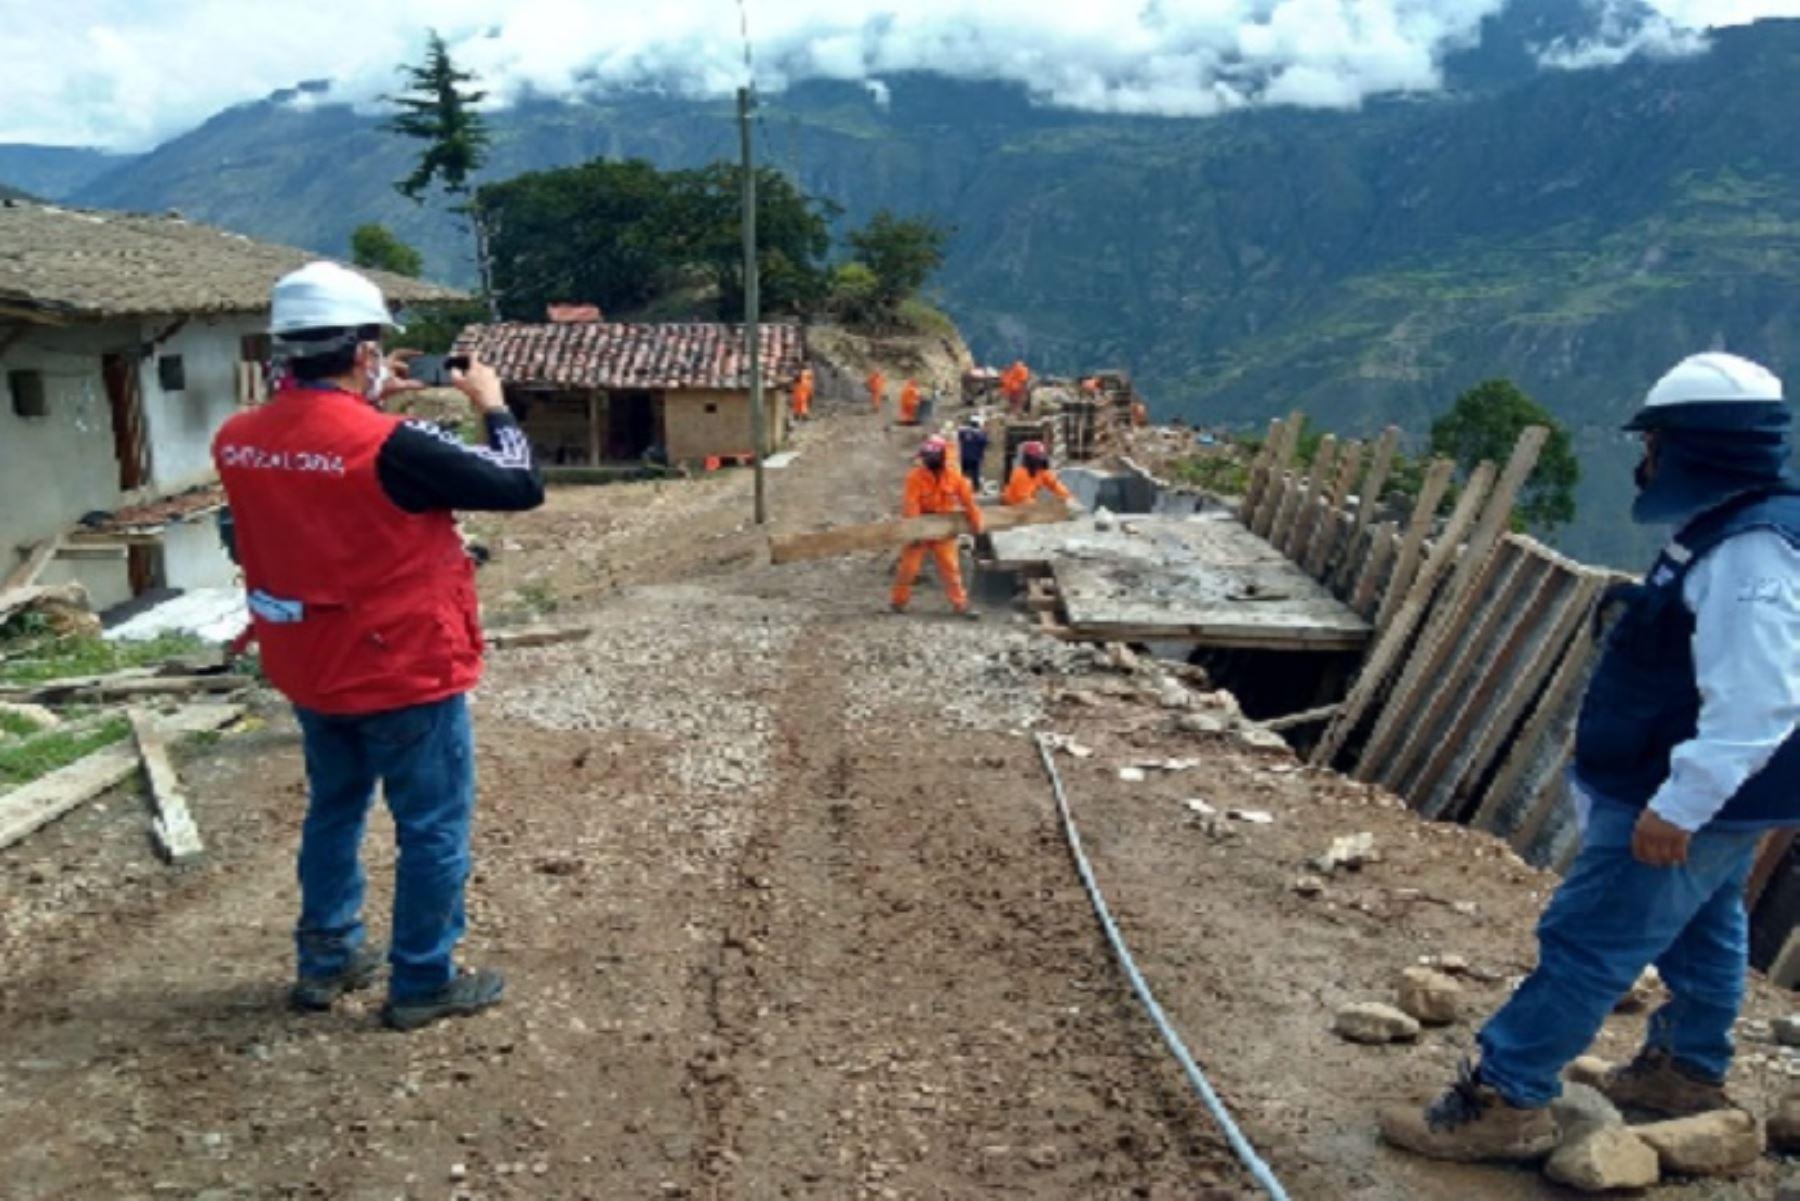 Una de las situaciones irregulares, por ejemplo, es la construcción de muros de concreto sin haber hecho un estudio técnico previo para determinar la factibilidad del terreno.